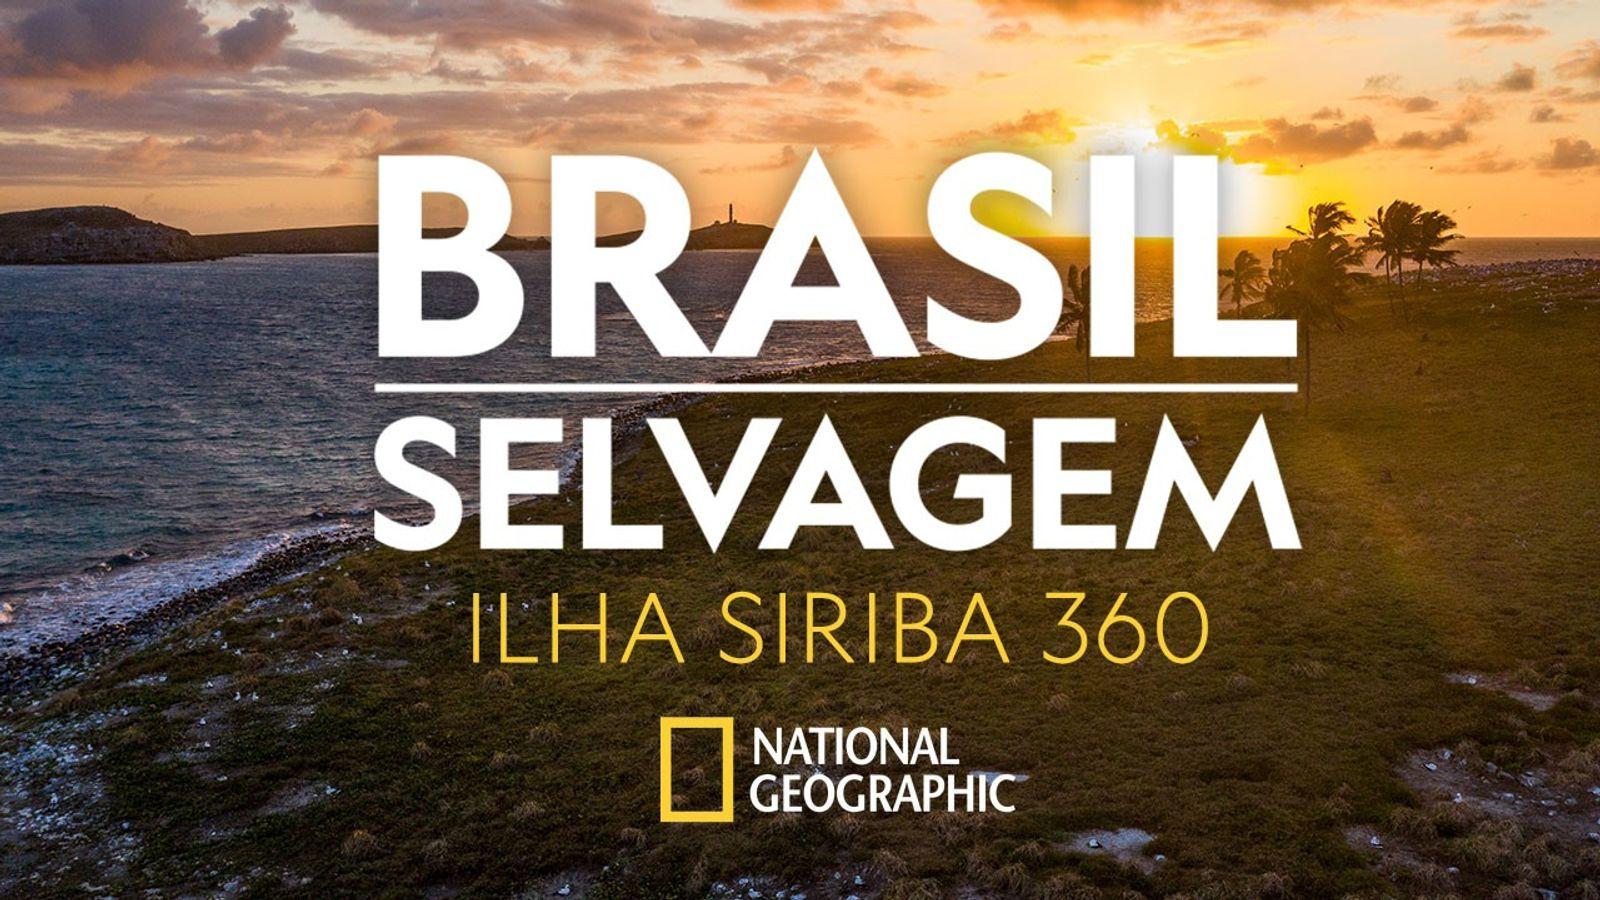 Brasil Selvagem: navegue  com os atobás pela Ilha Siriba, no arquipélago de Abrolhos, em 360